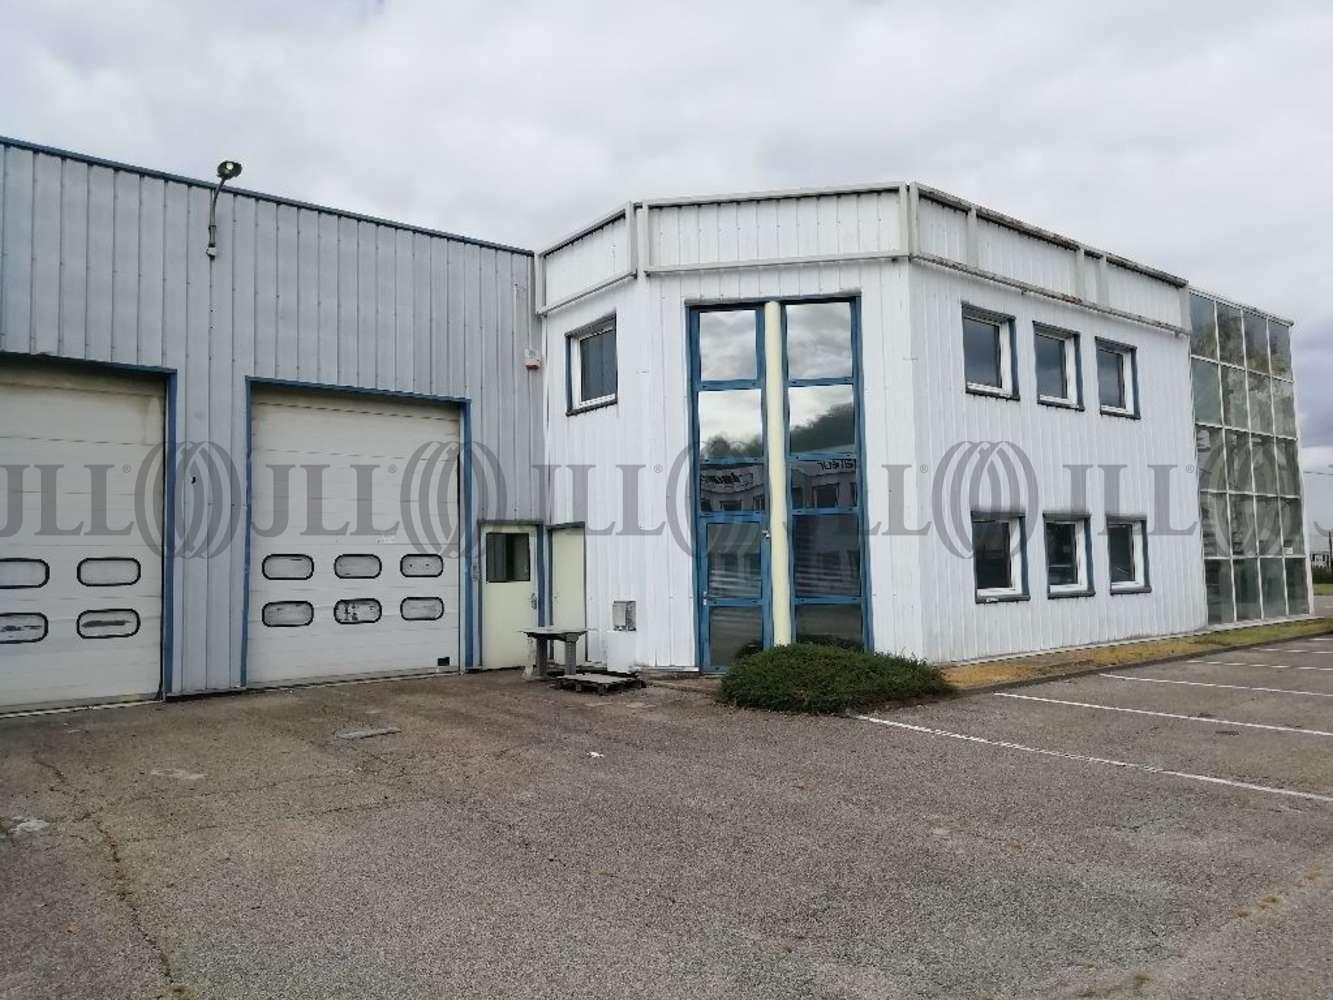 Activités/entrepôt Feyzin, 69320 - Location locaux d'activité Feyzin (69) - 10873795